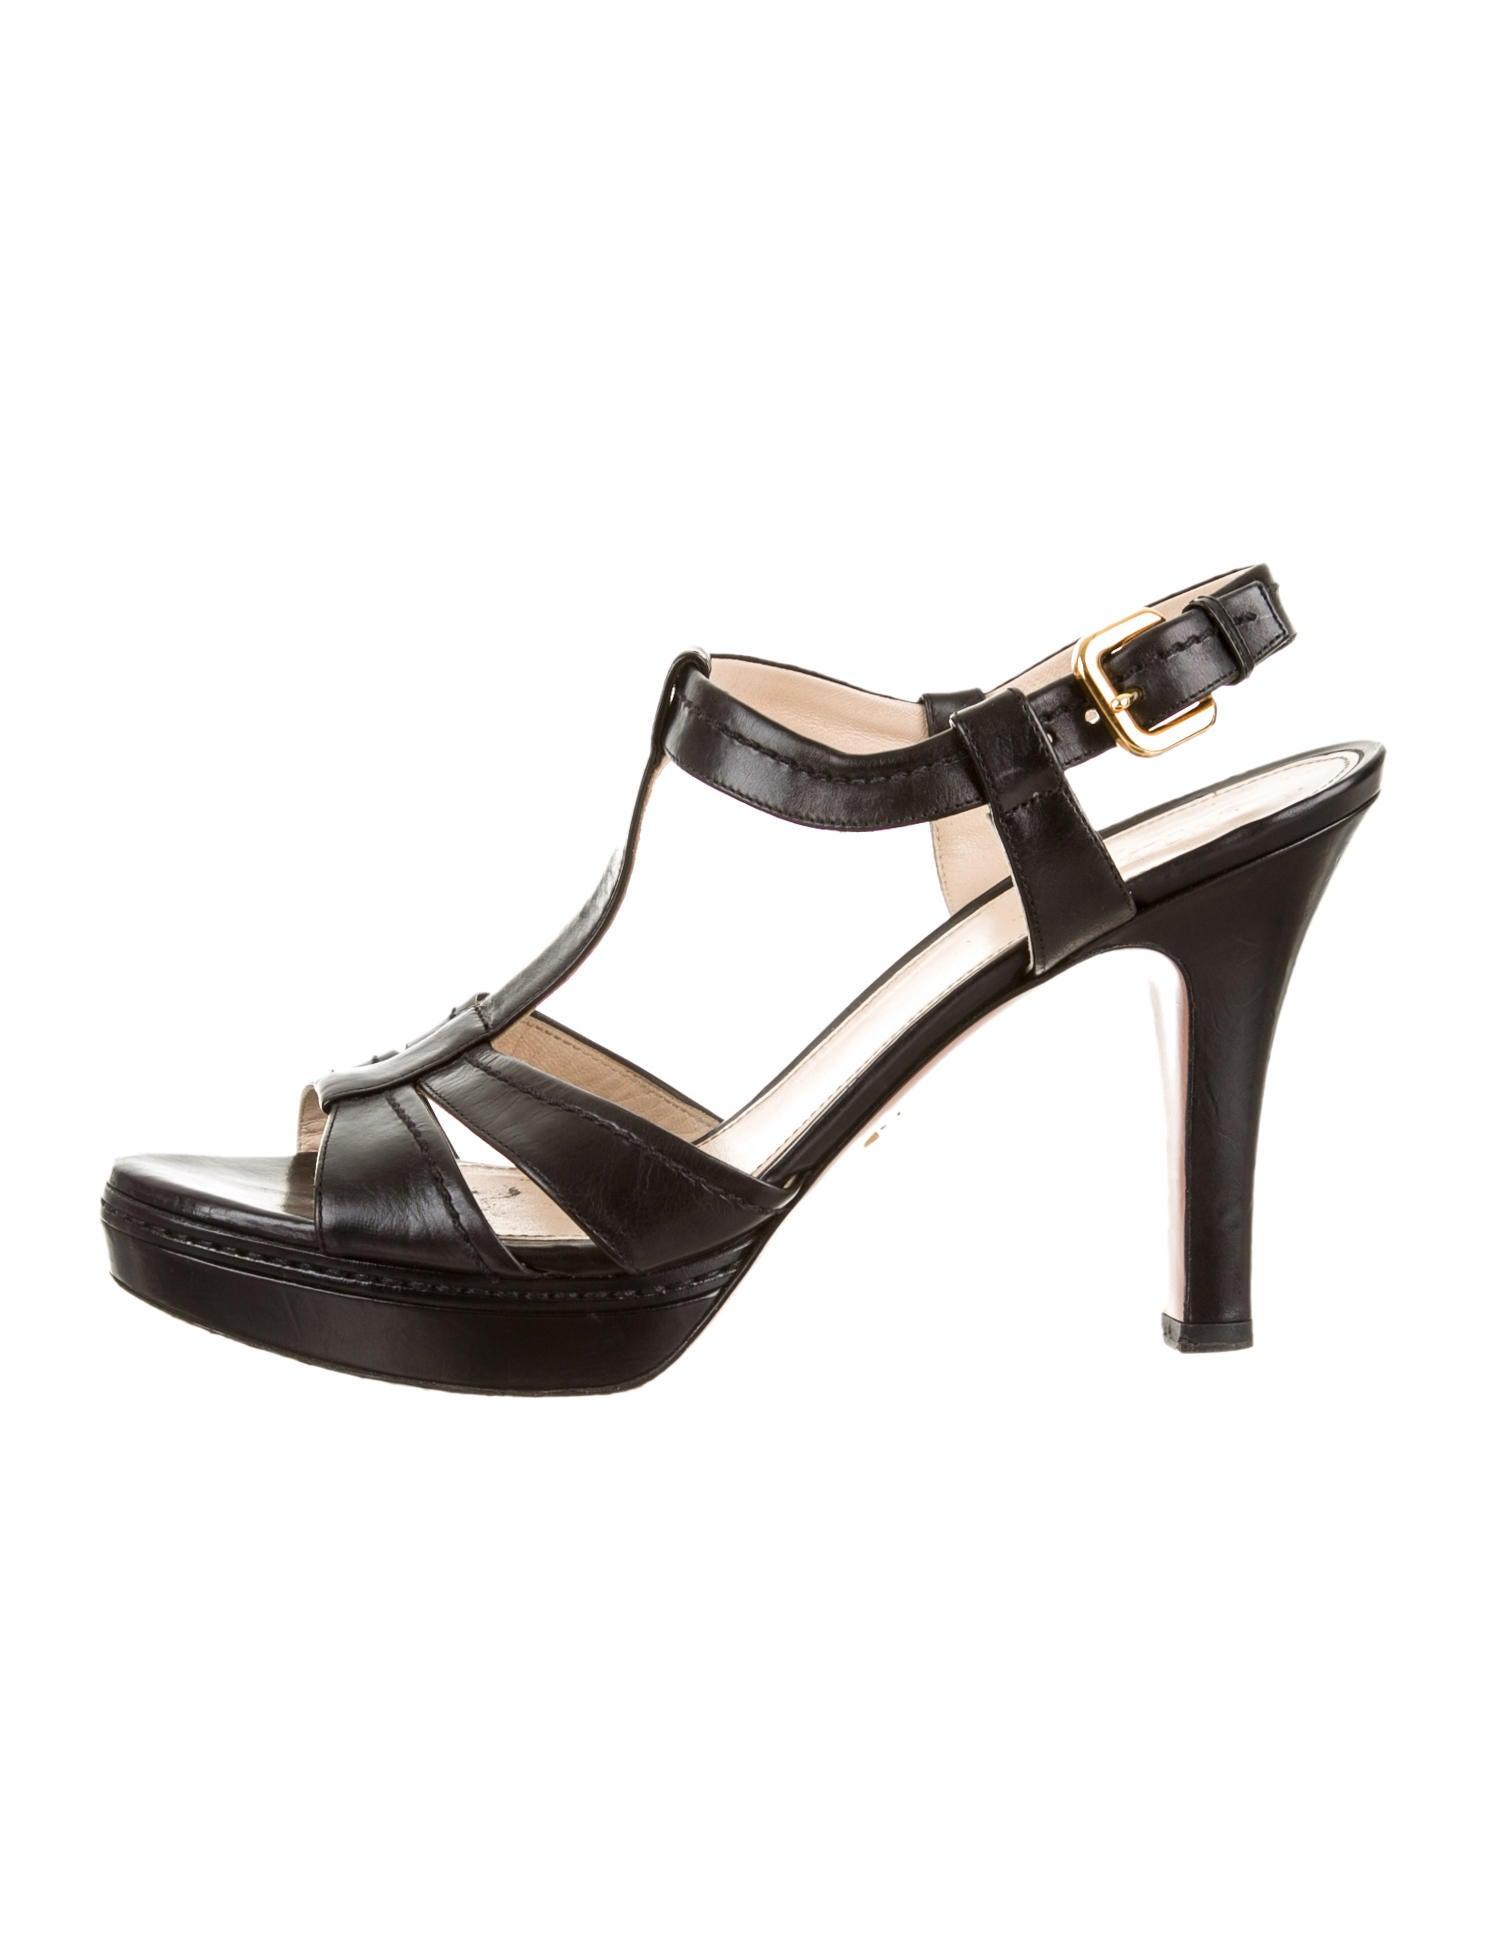 Elegant Prada Sandals